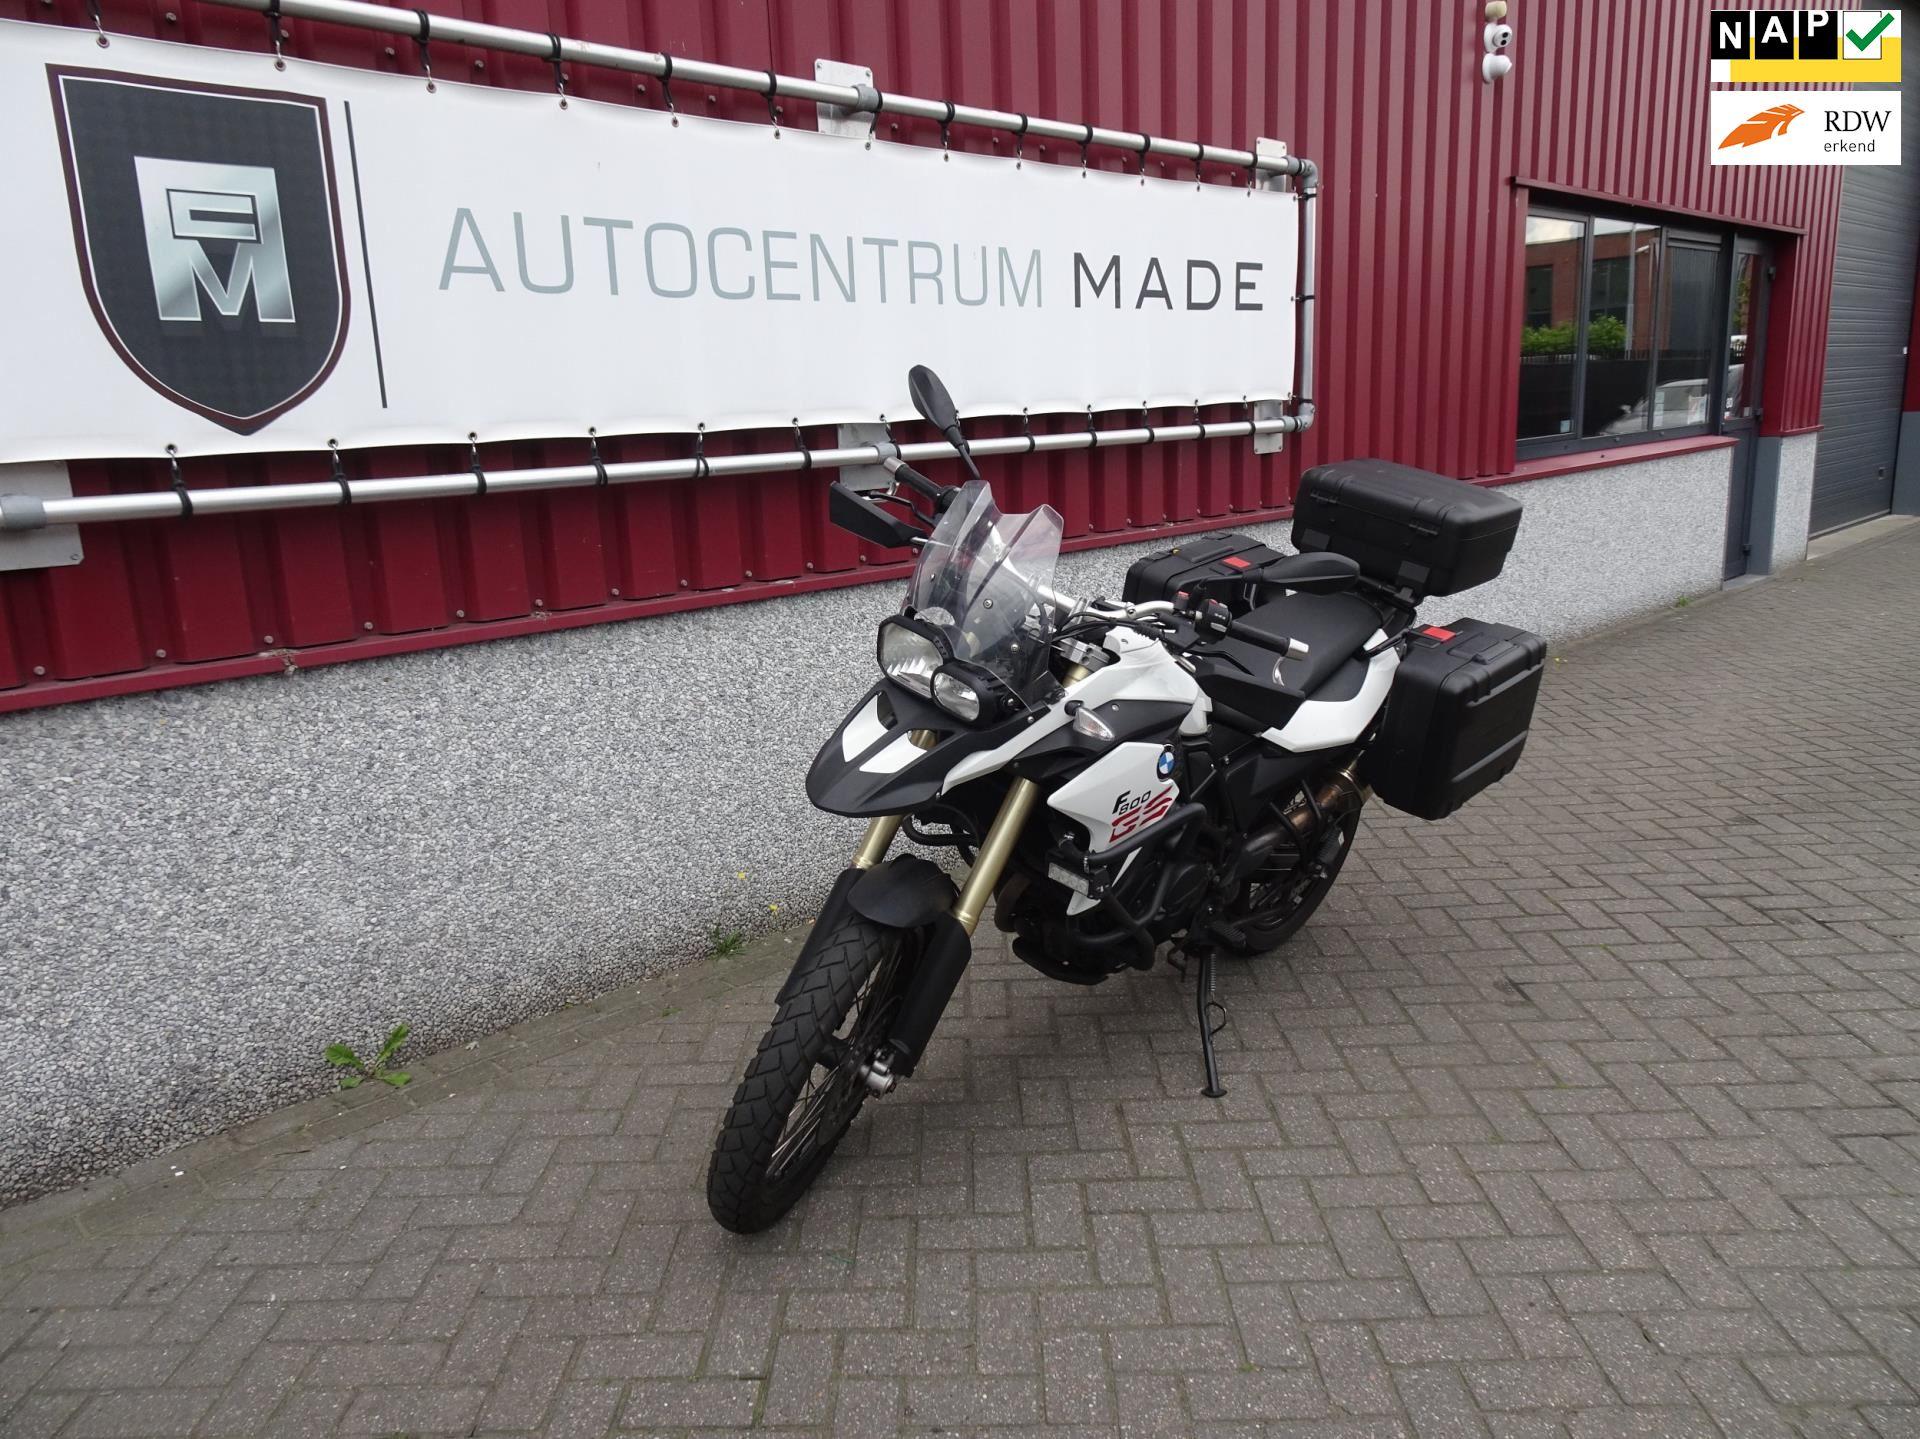 BMW All-Road occasion - Auto Centrum Made